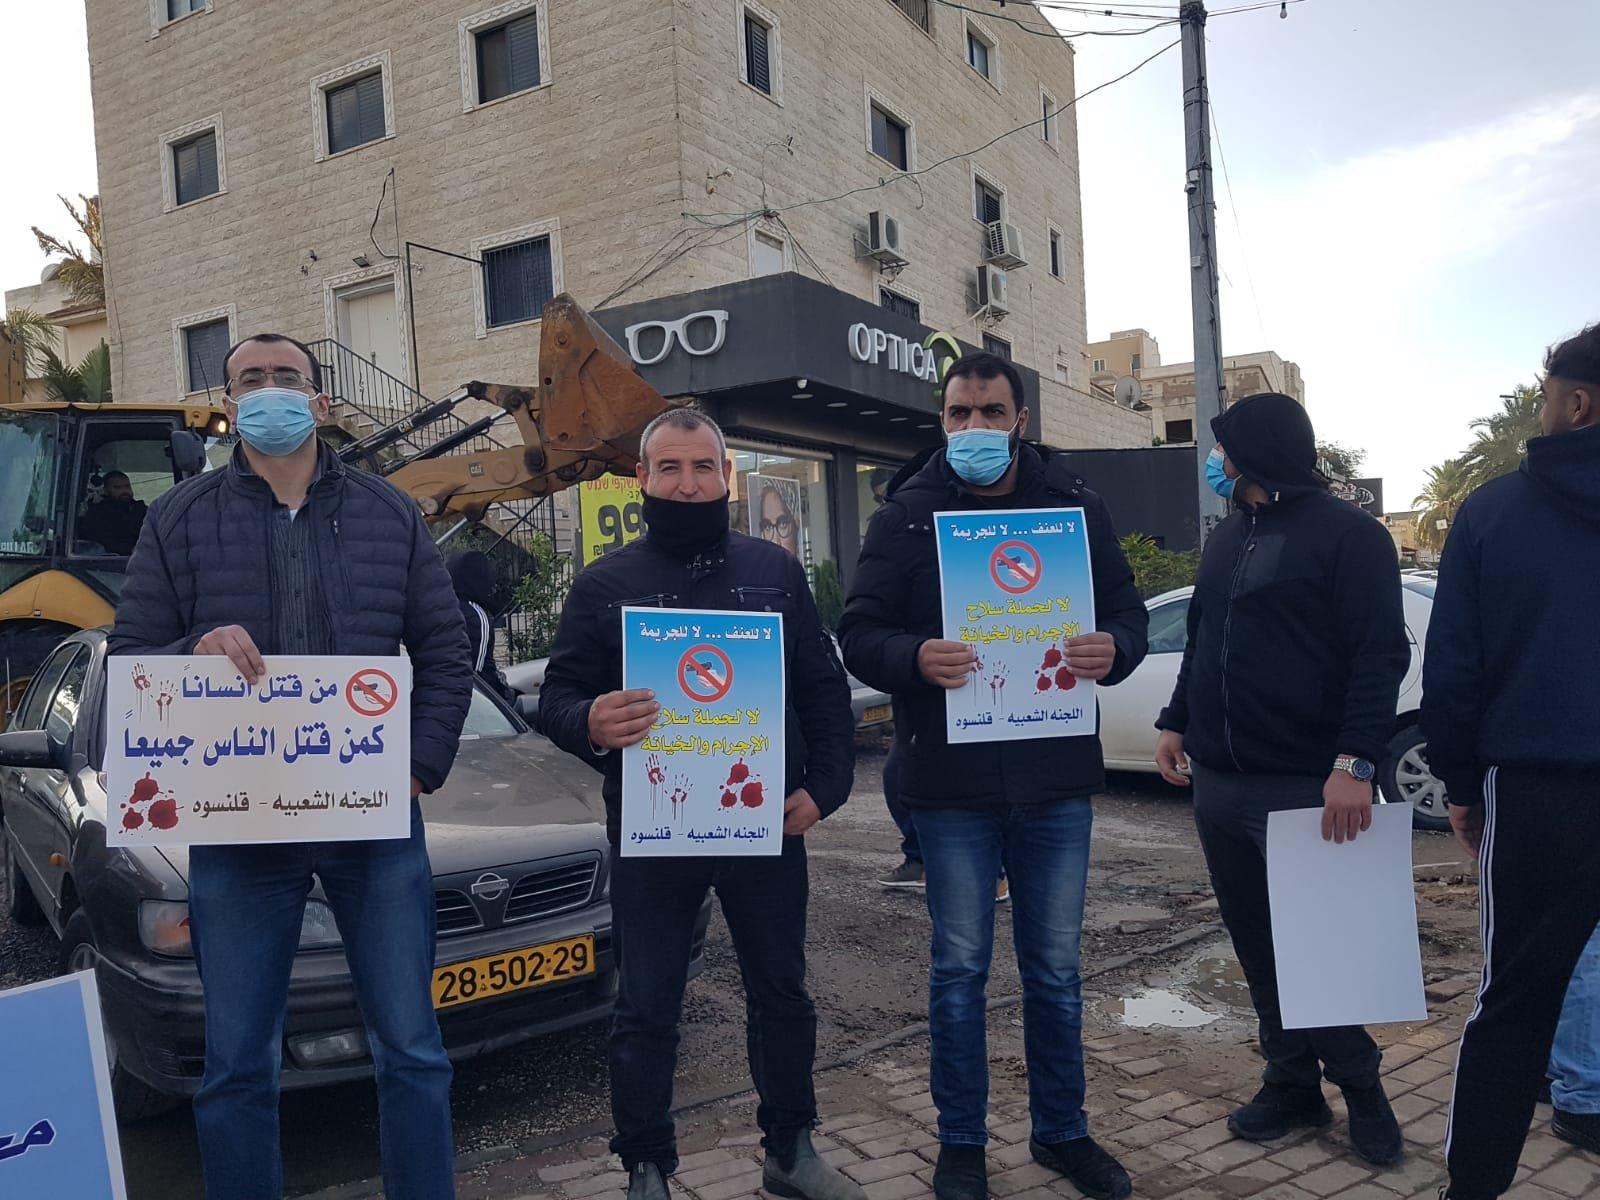 قلنسوة تتظاهر ضد العنف-6